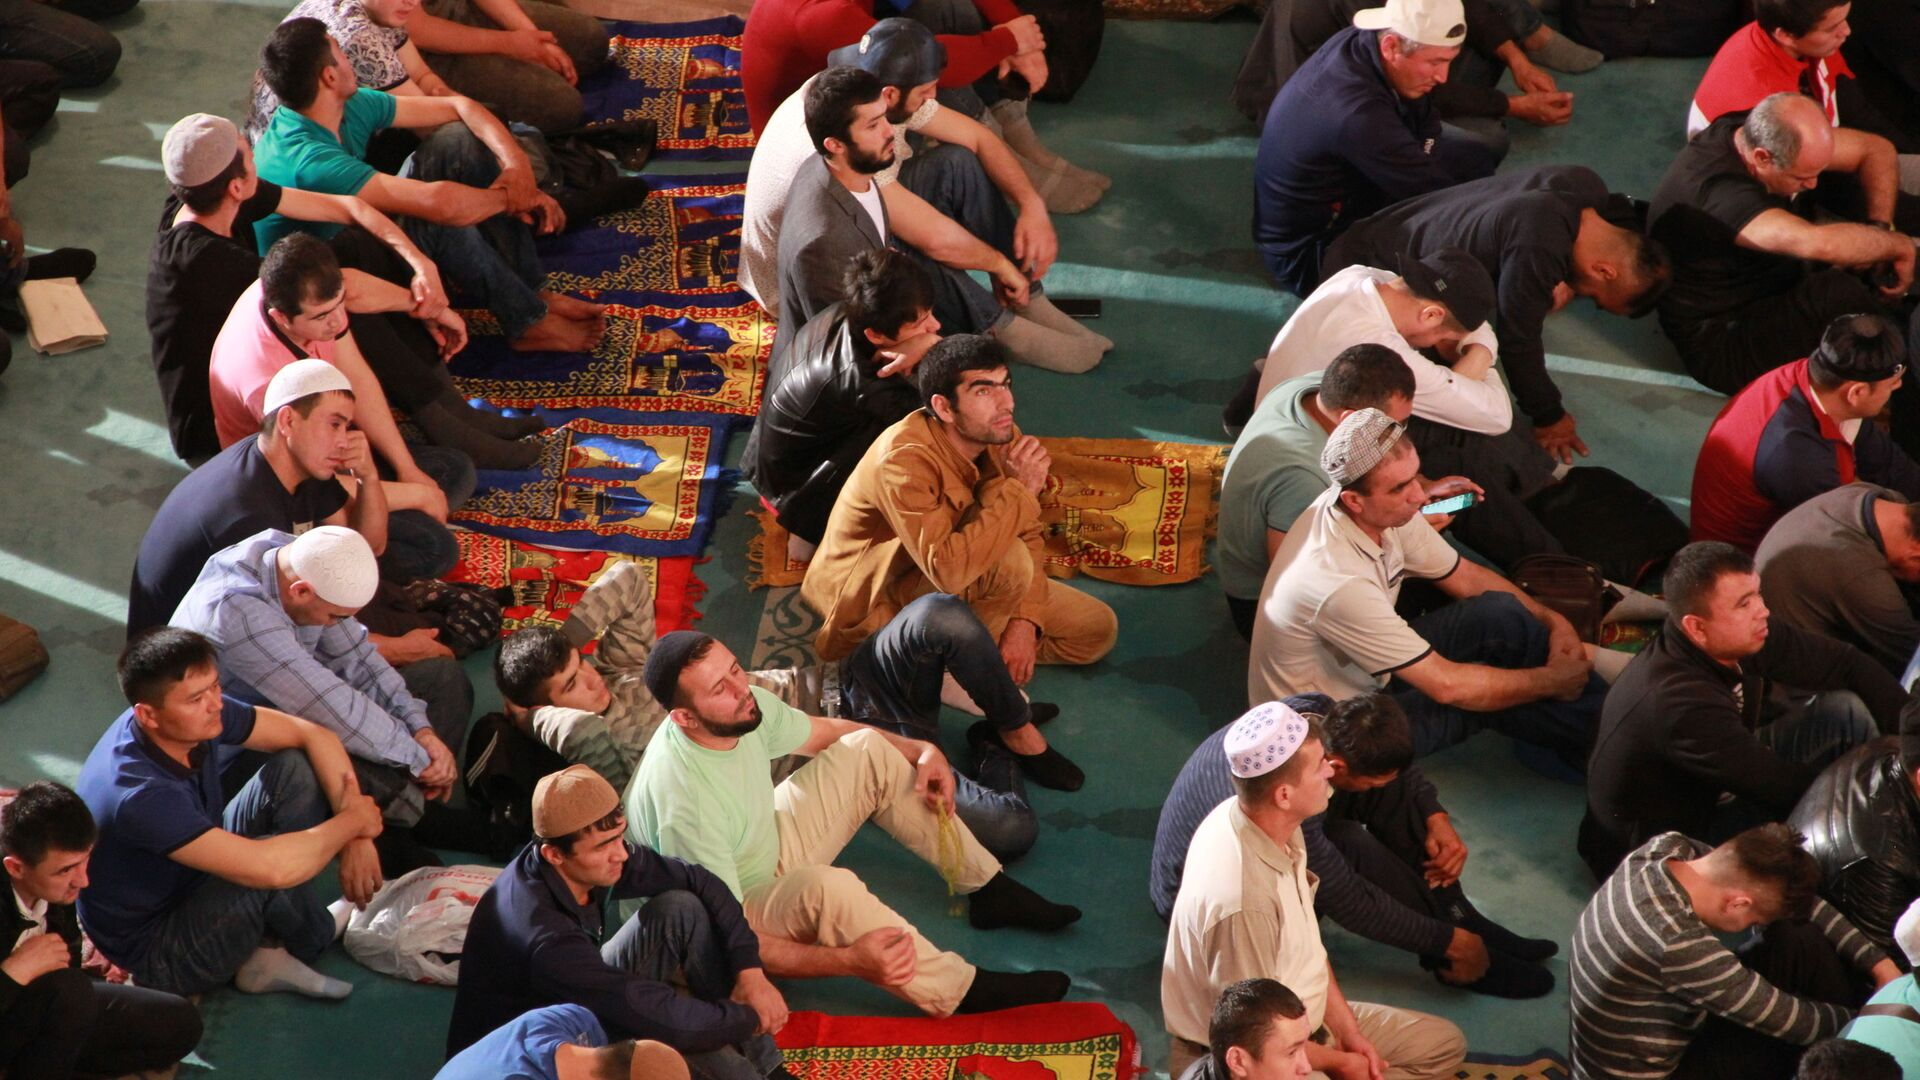 Верующие ждут начала праздничной молитвы по случаю Курбан-байрама в Московской соборной мечети. 21 августа 2018  - Sputnik Таджикистан, 1920, 28.09.2021